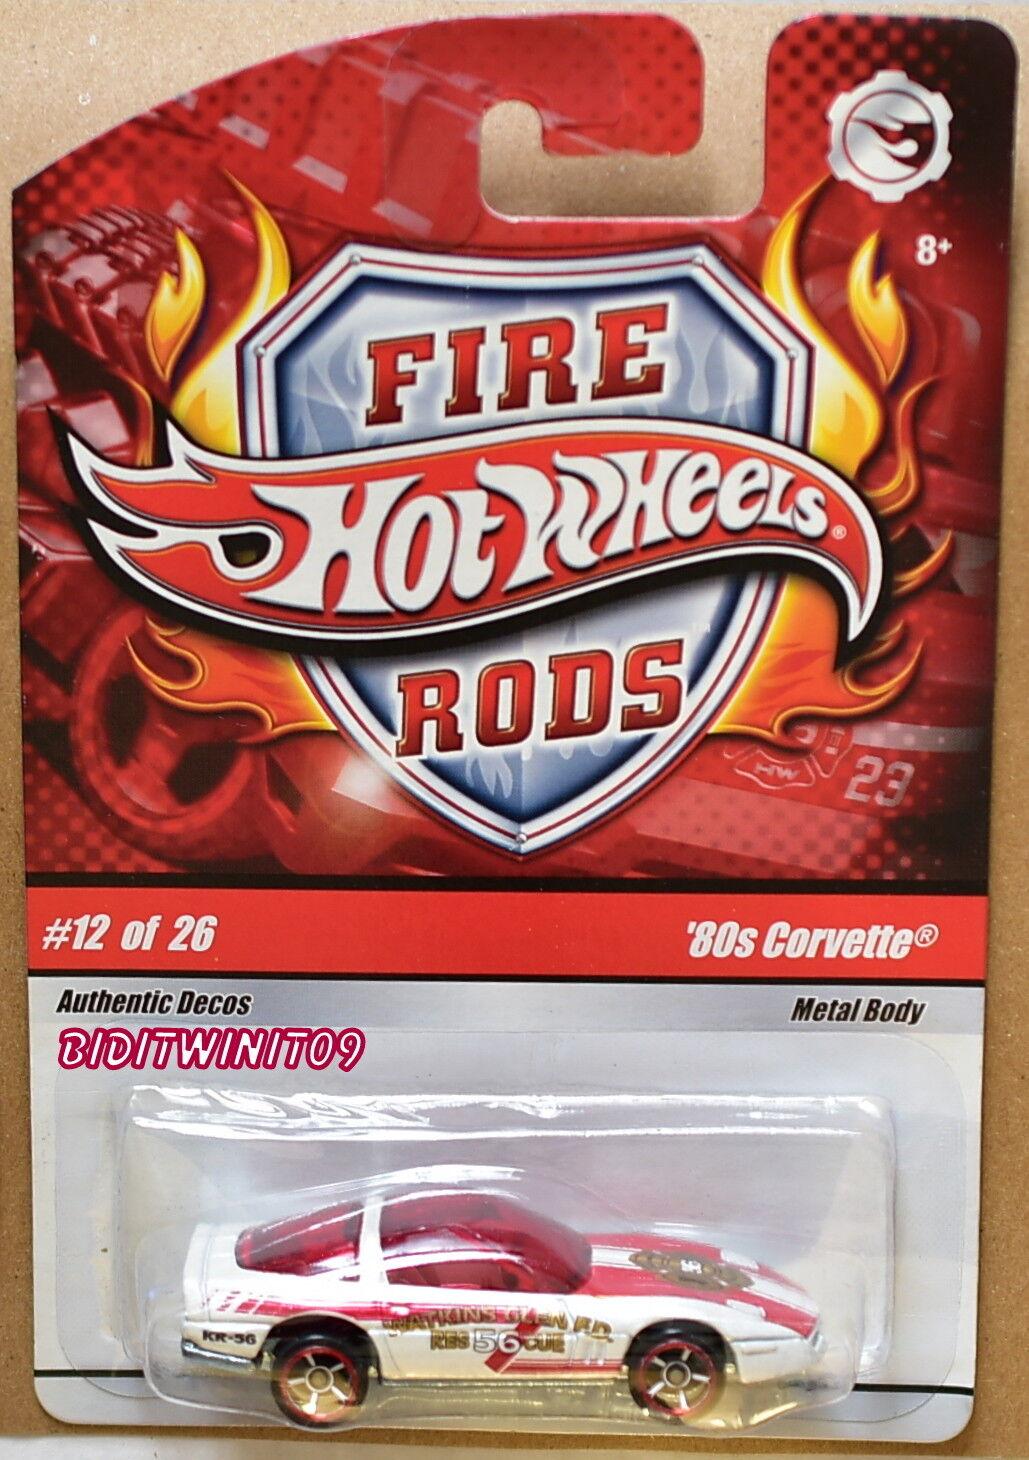 Hot Wheels Wheels Wheels Fuoco Rods ' 80s Corvette  12 26 Rosso & Bianco con + 5c6652